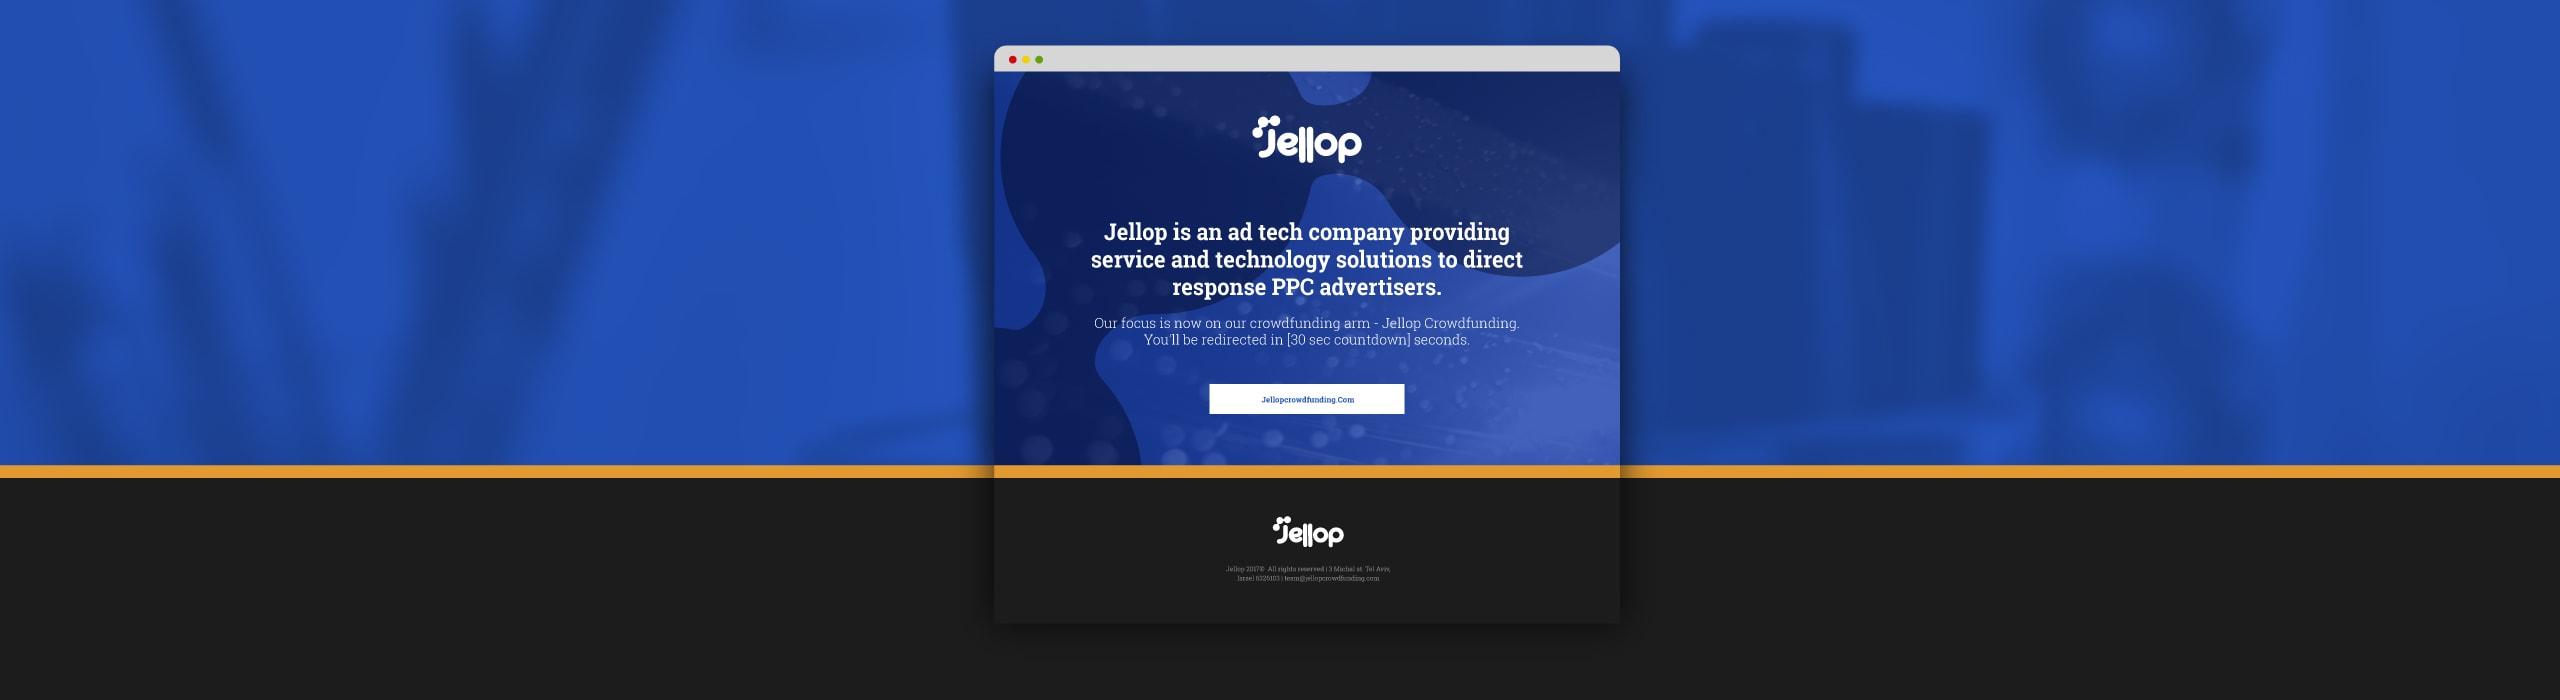 Jellop - natie-jellop-landing - Natie Branding Agency